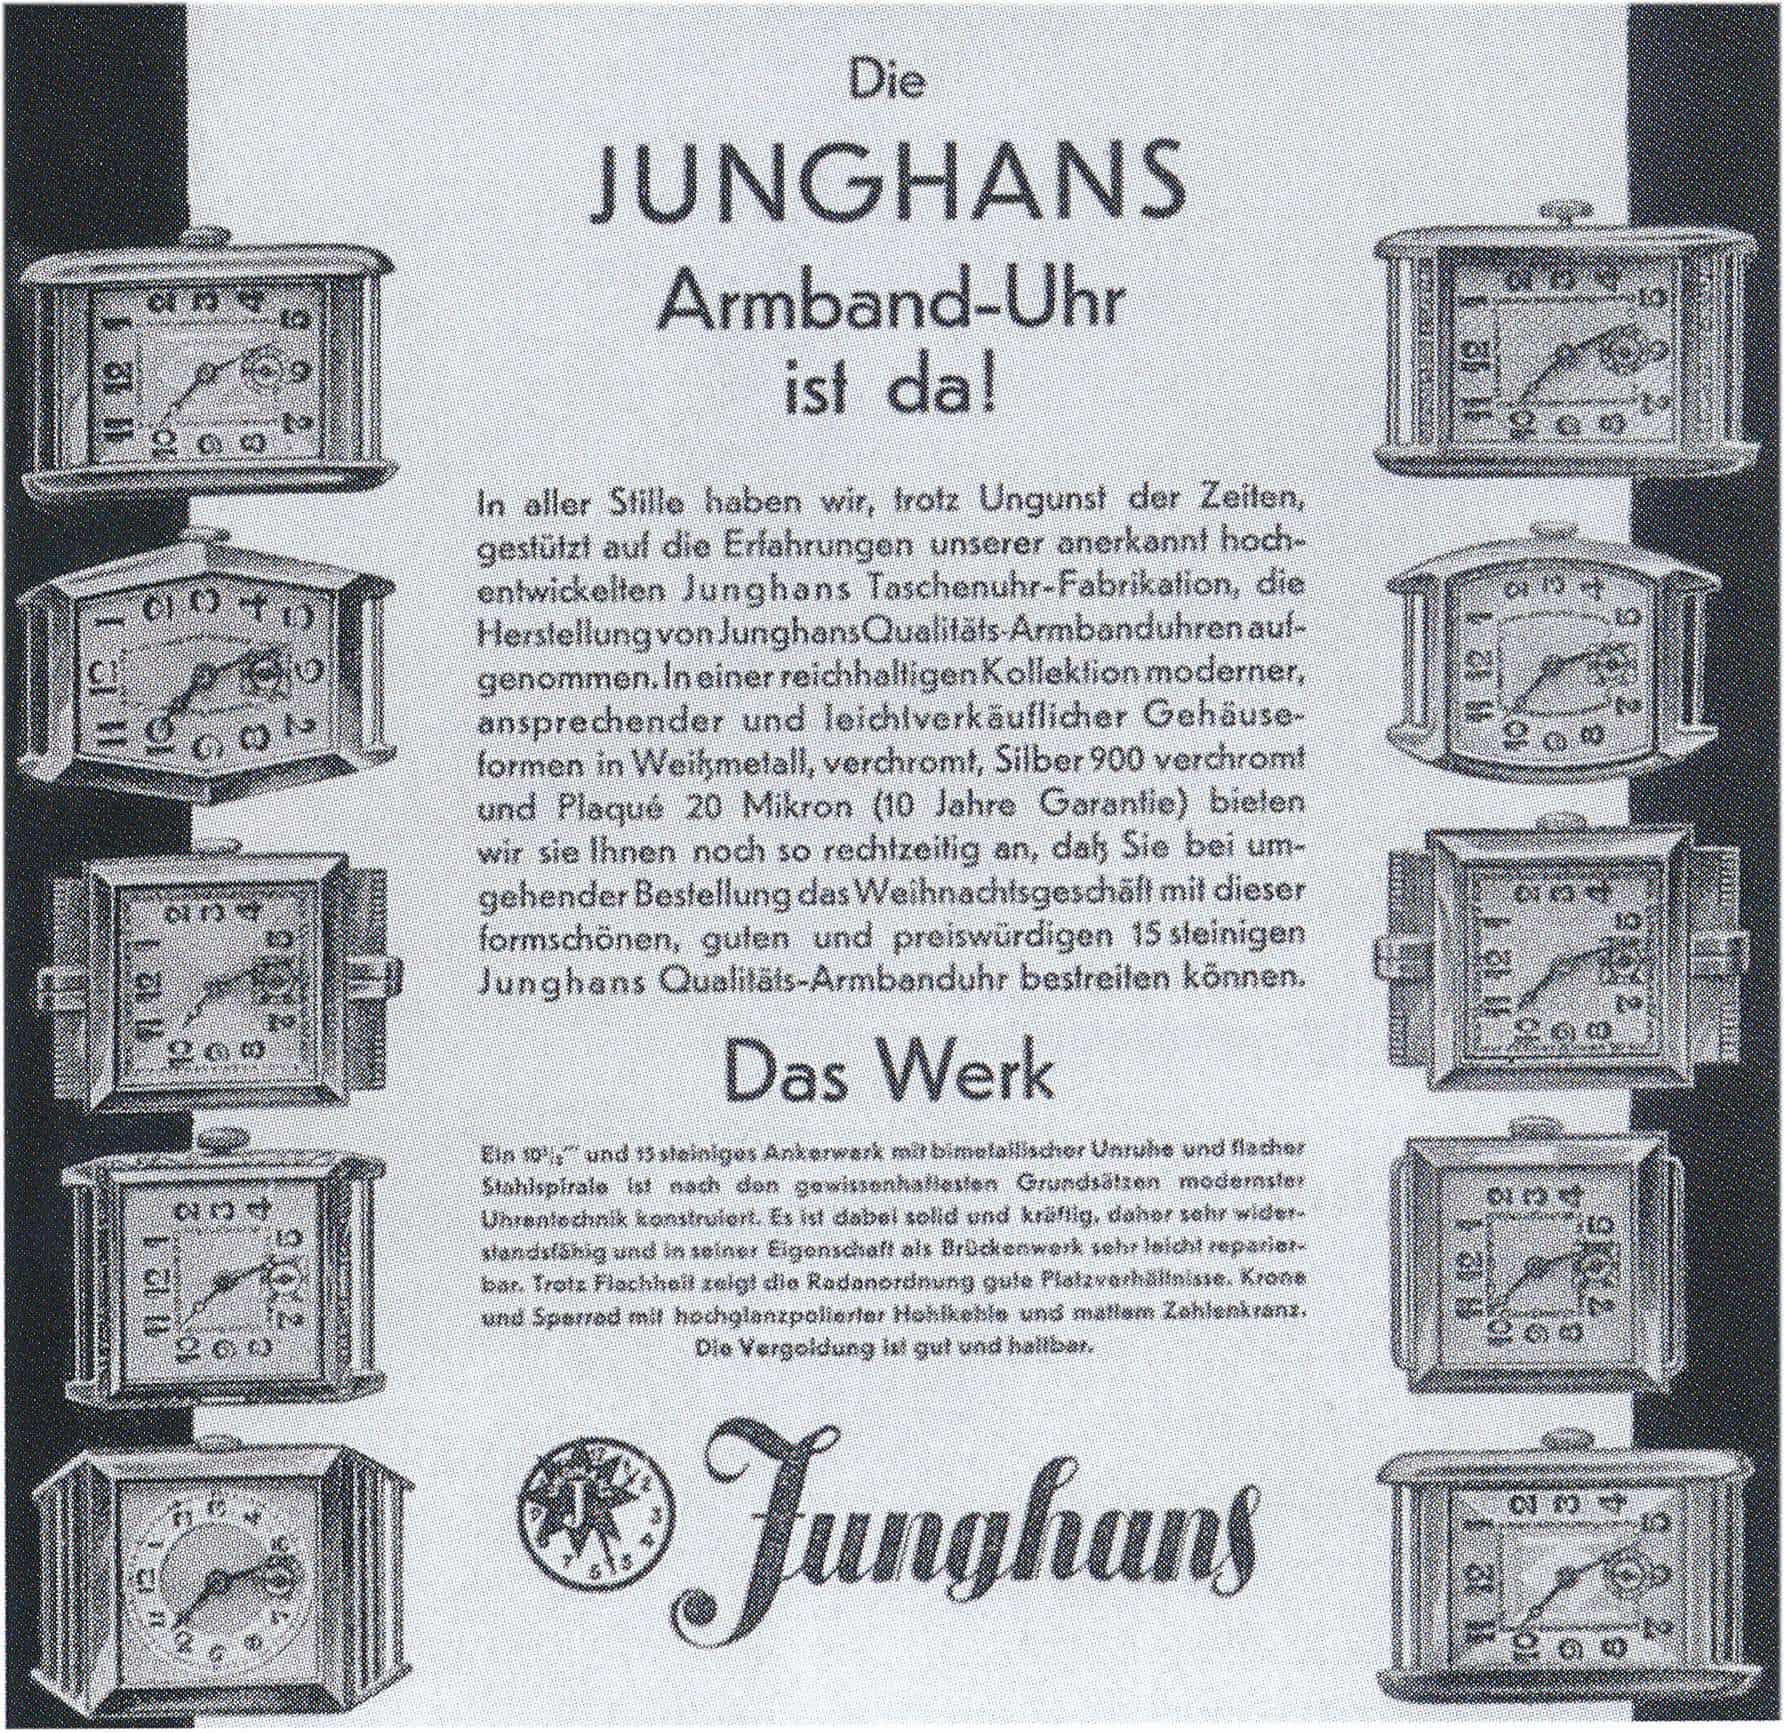 Junghans Inserat für eine Junghans Armbanduhr um 1930